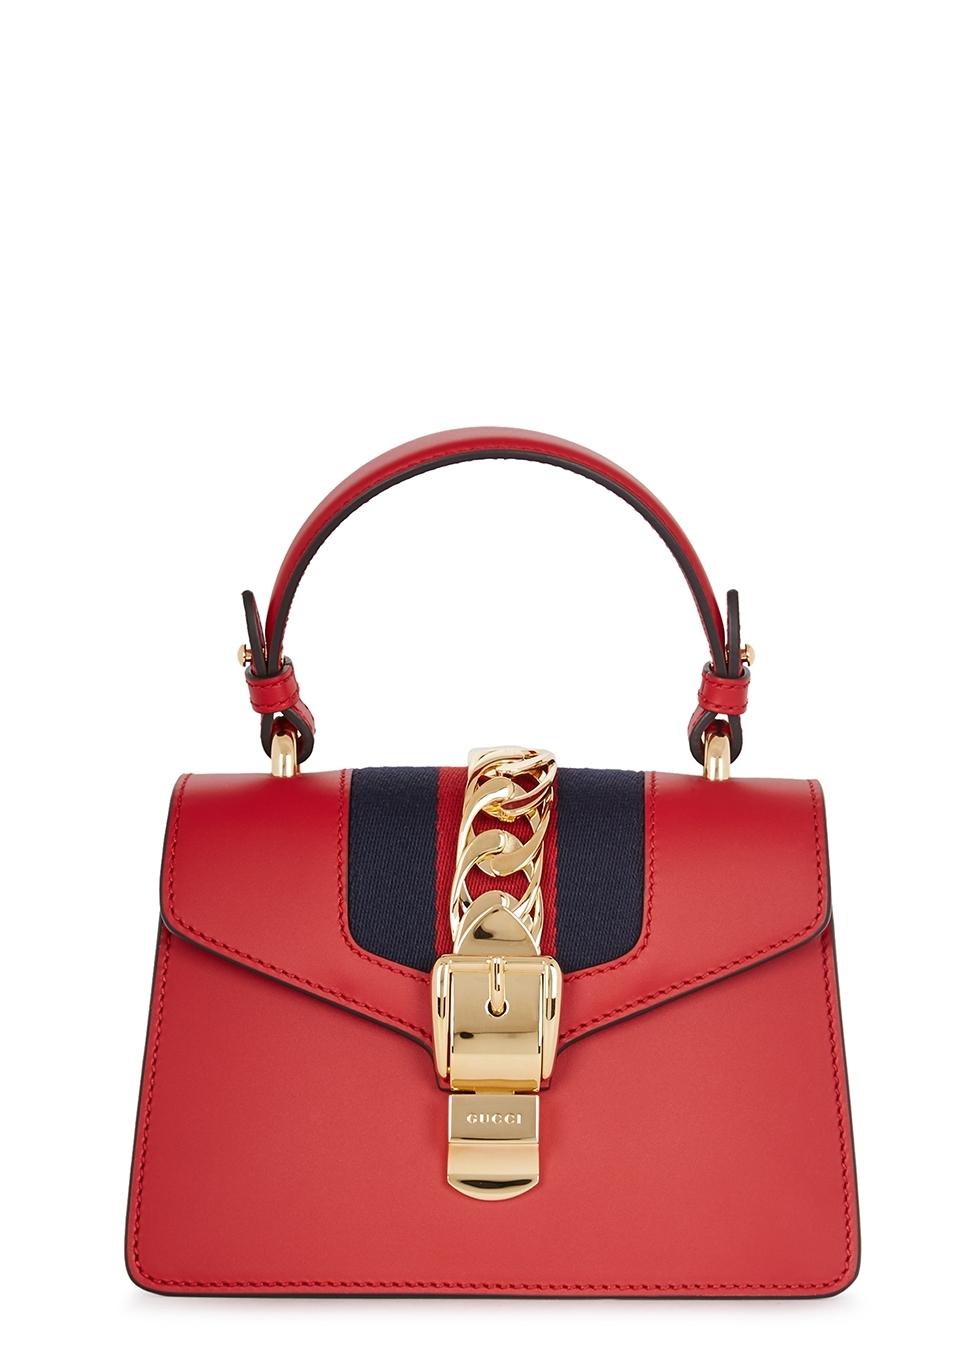 3e1ee6334a42 Gucci - Designer Clothes - Harvey Nichols